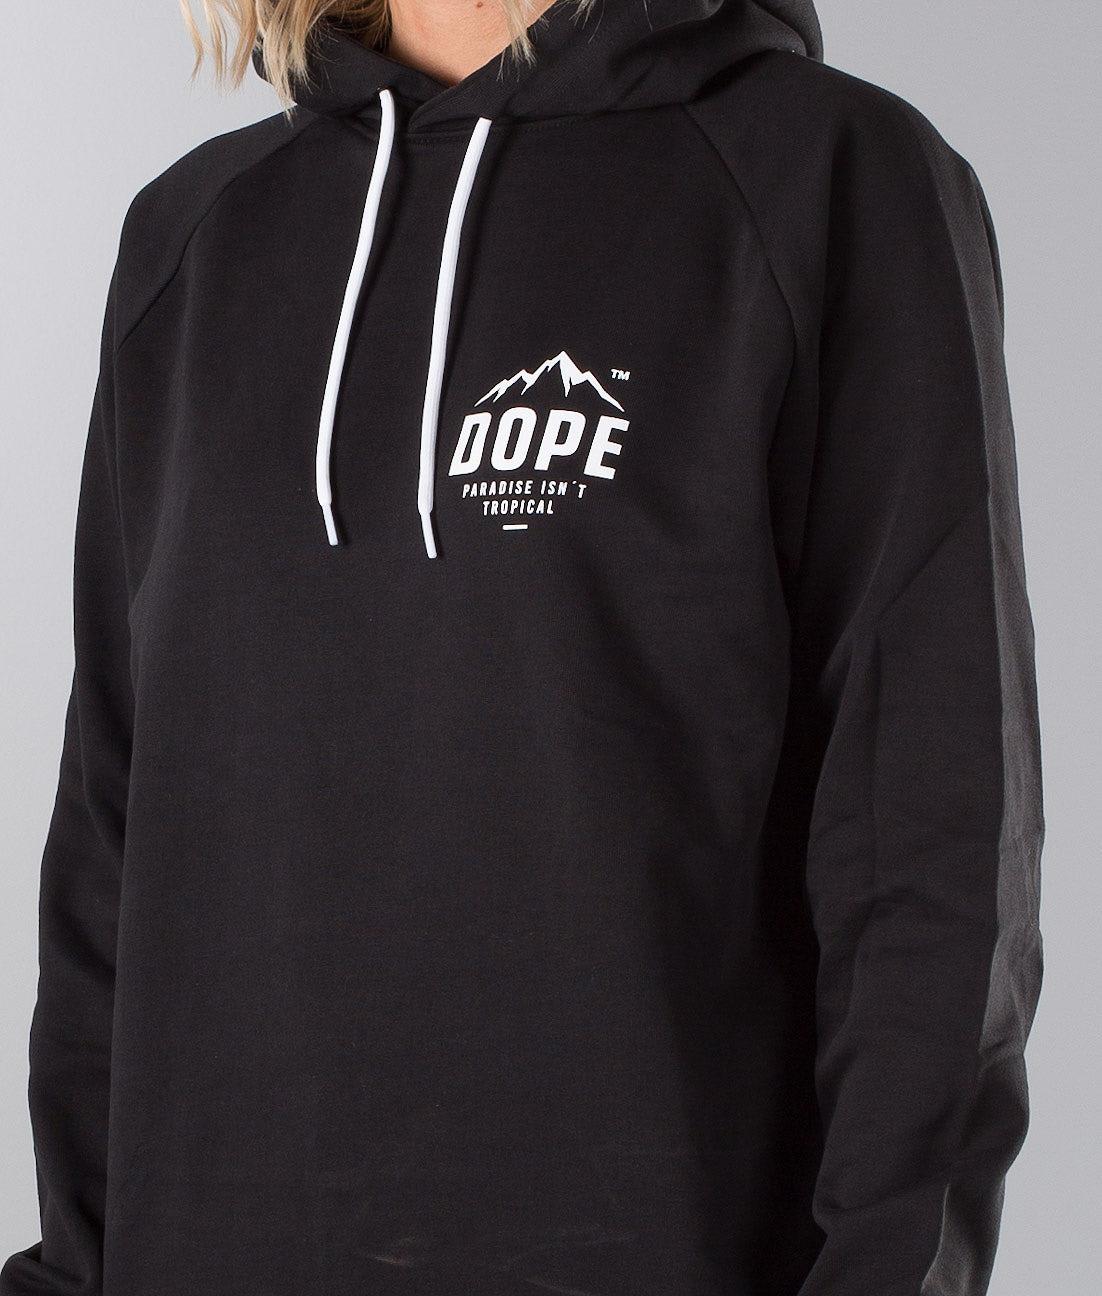 Dope Paradise II Unisex Hood Black